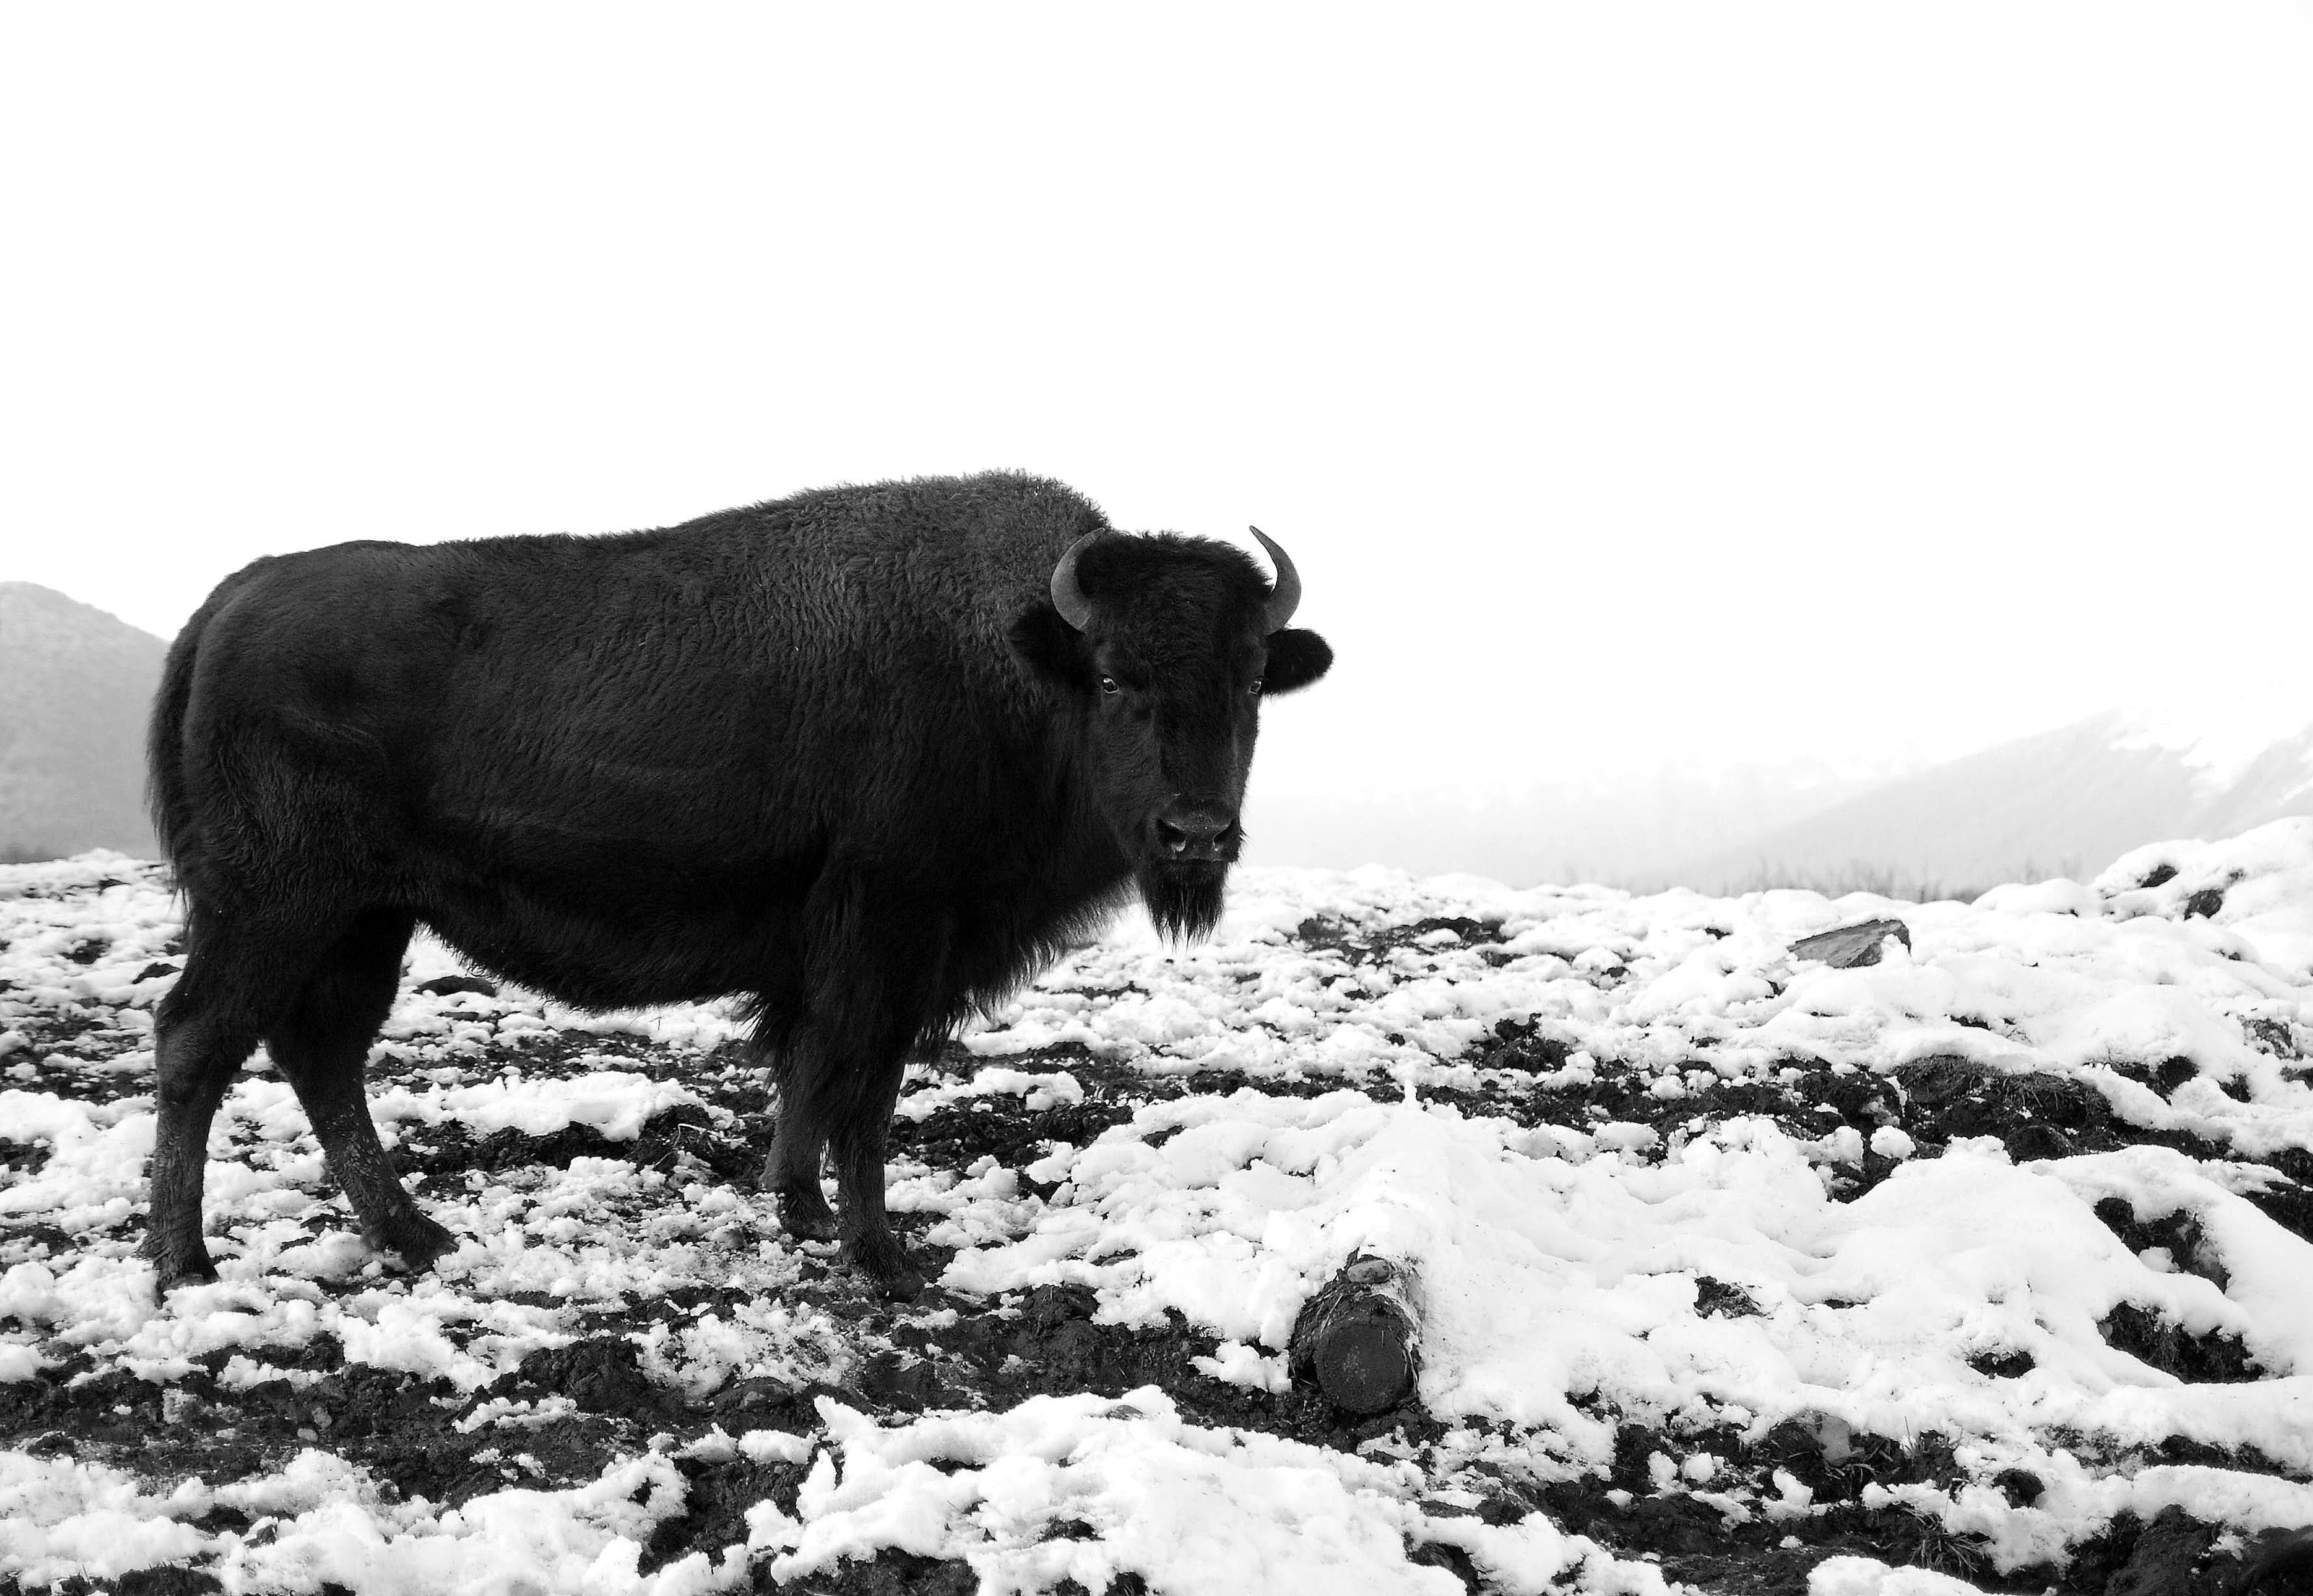 Alaskan Bison